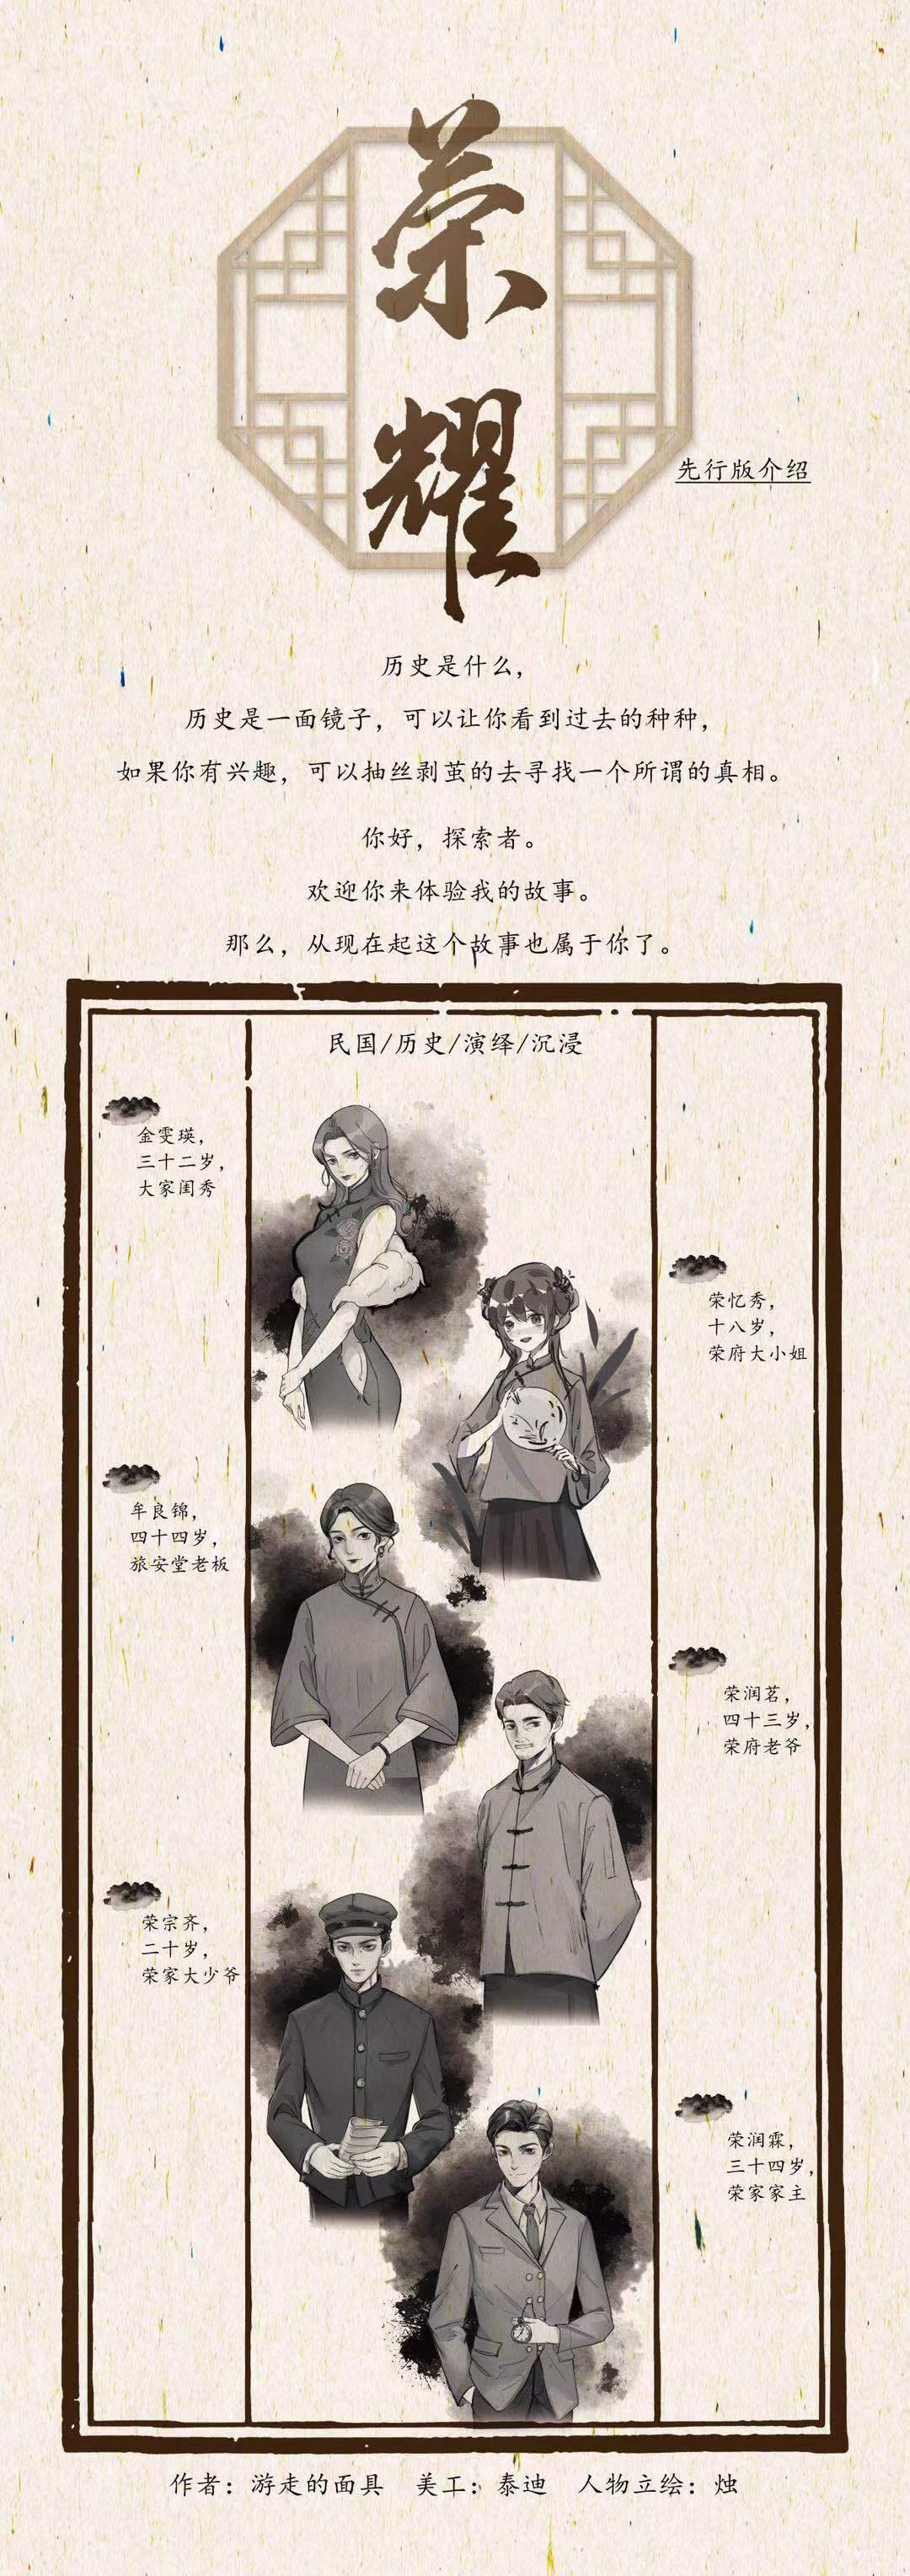 『荣耀』剧本杀复盘/真相解析/凶手是谁/主持人手册